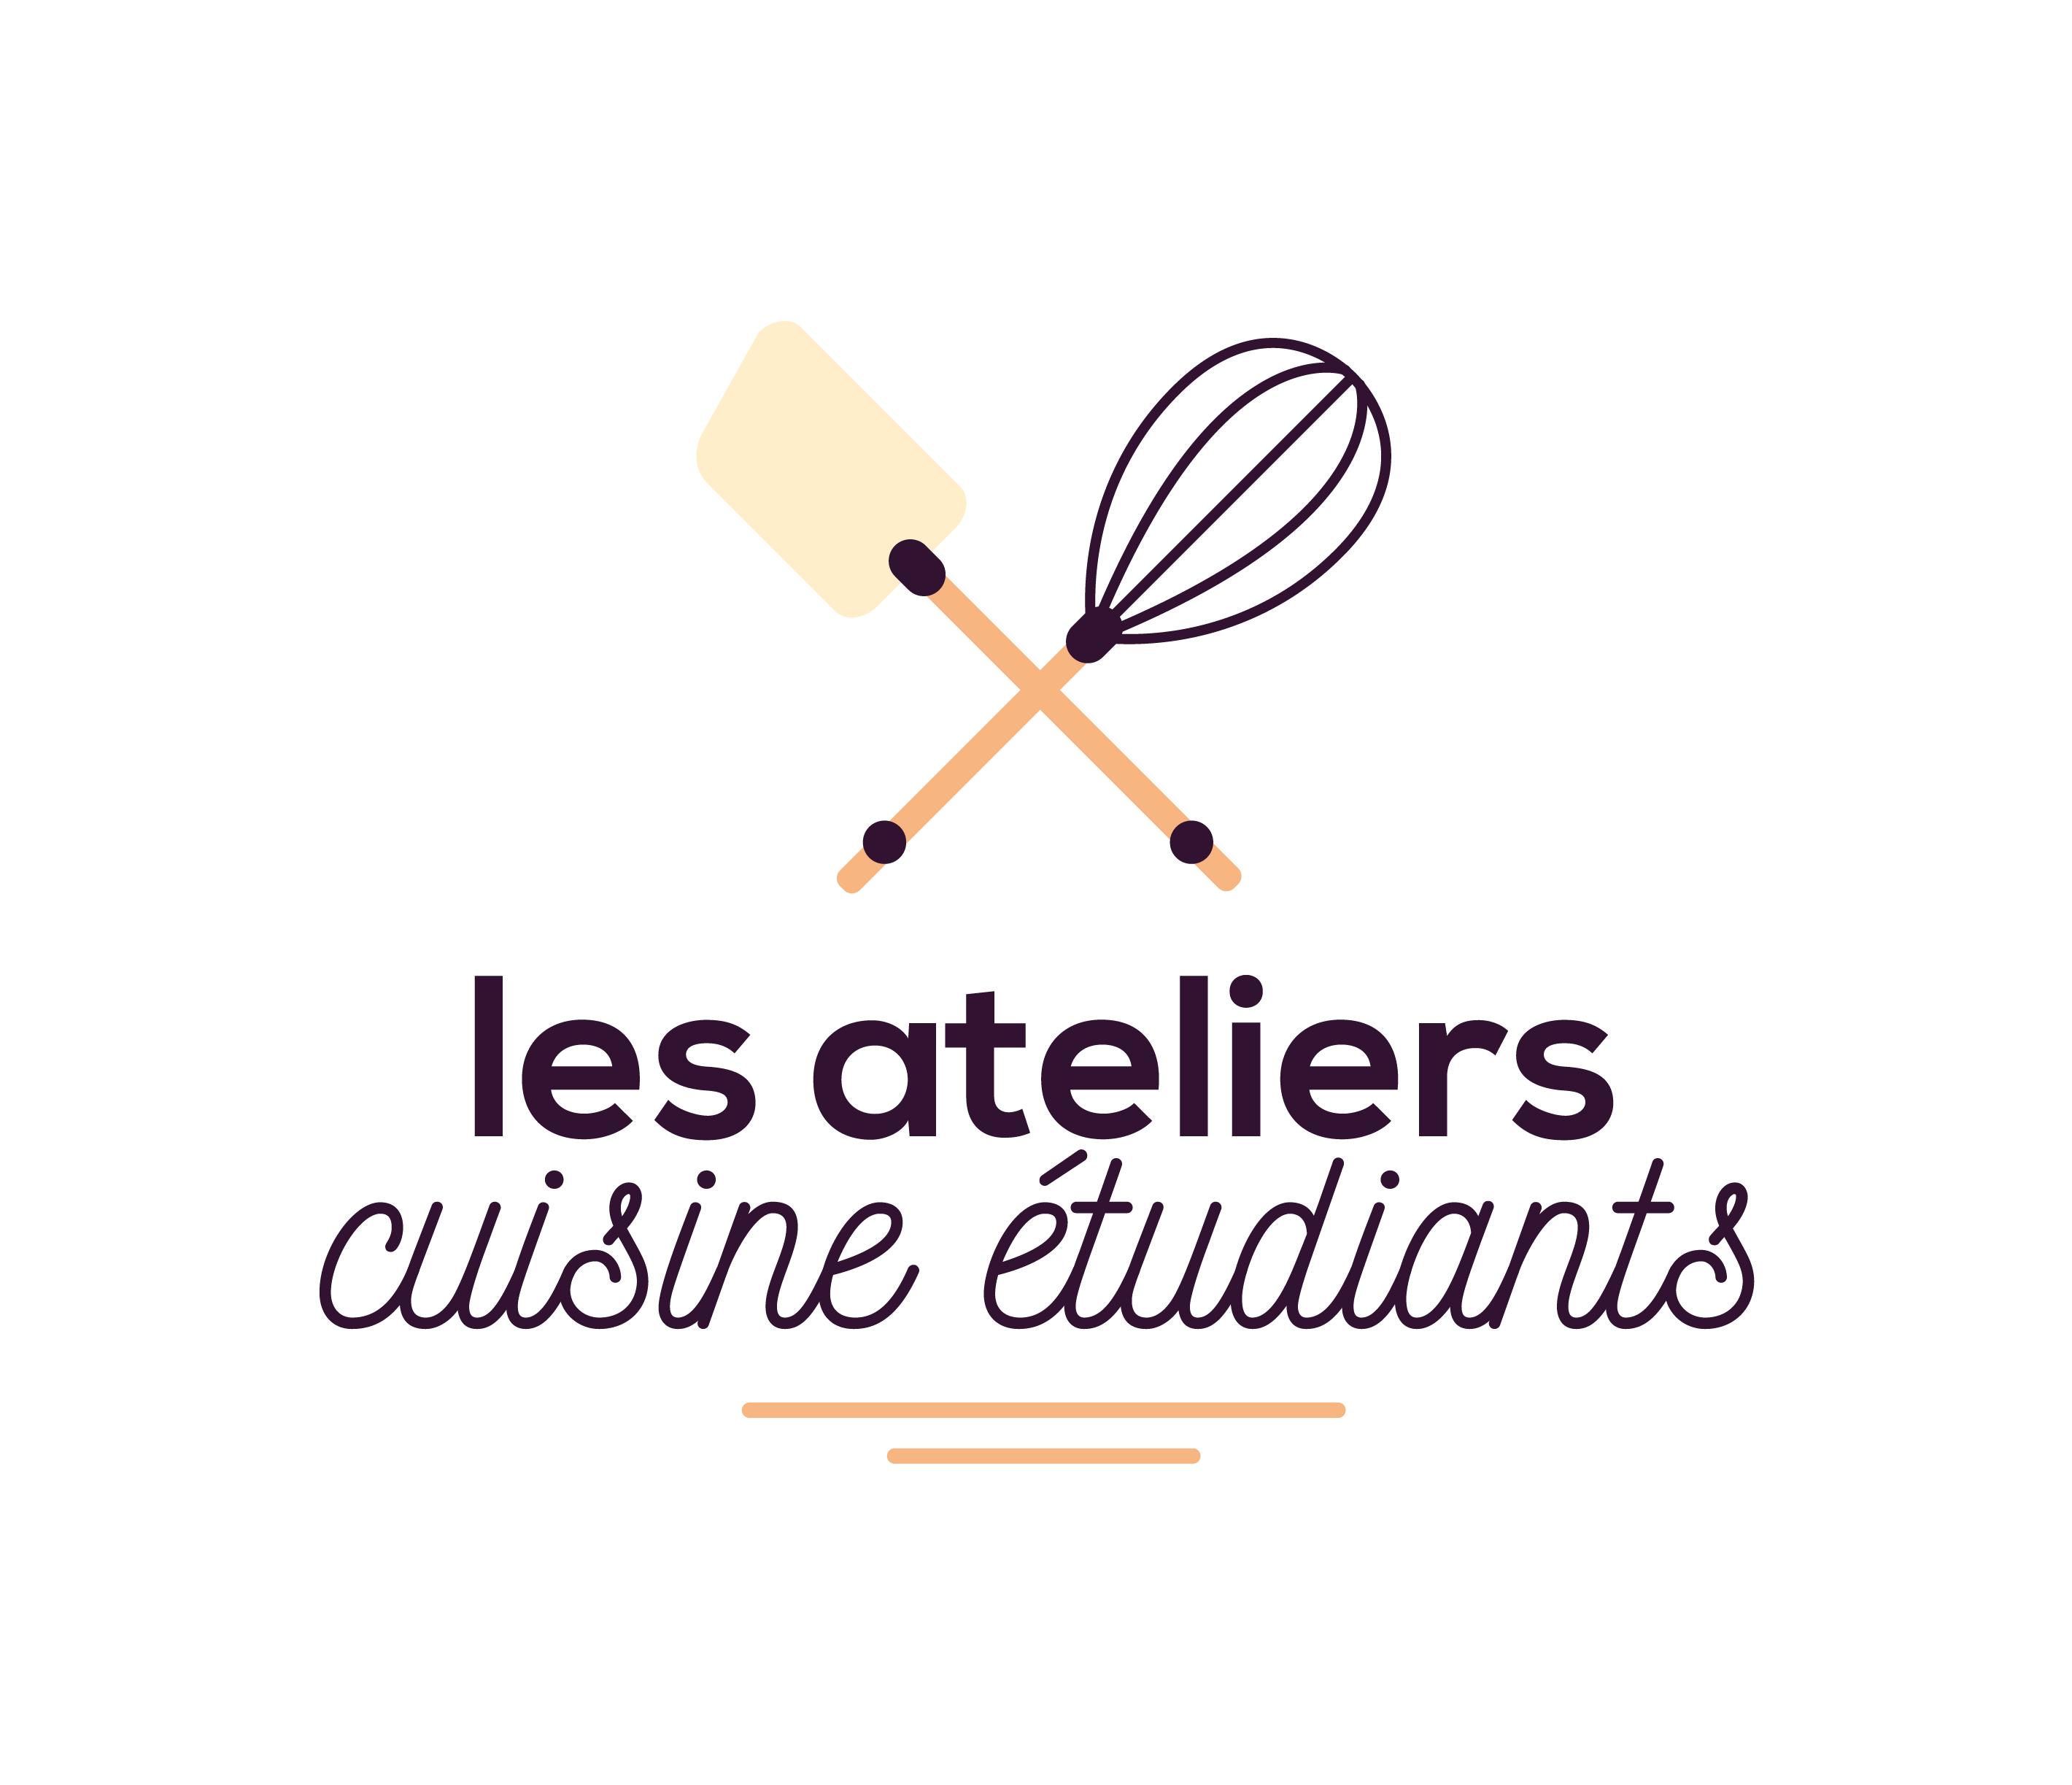 Petitspaniers2018_logo-01